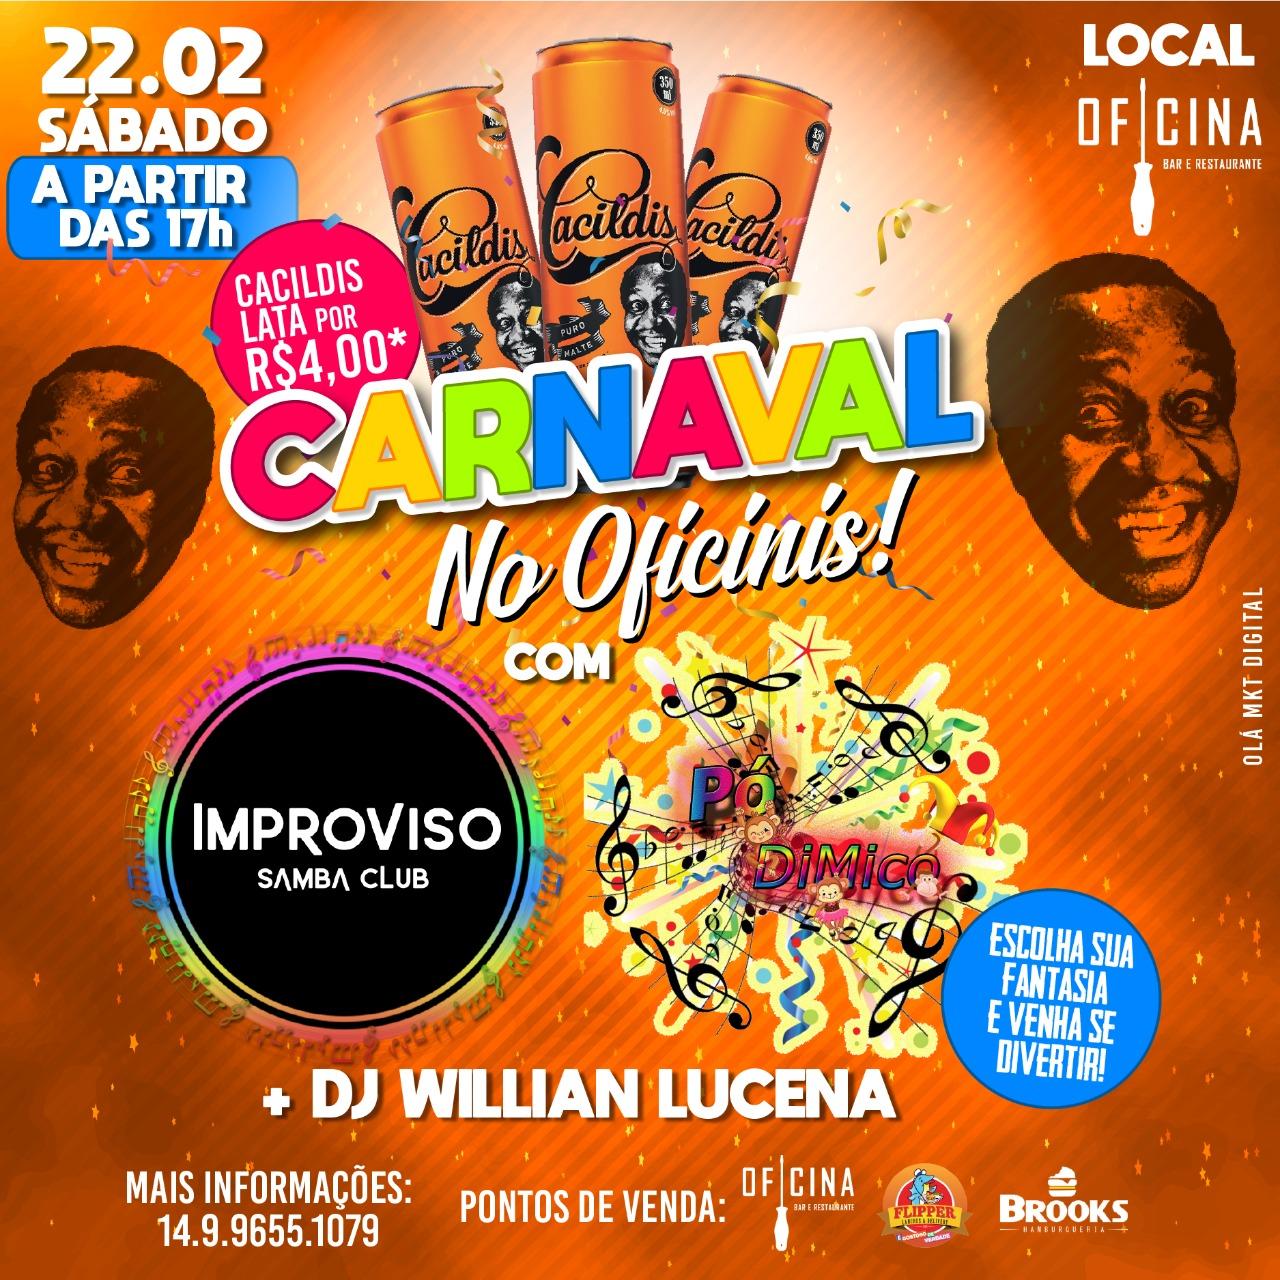 carnaval no oficinis